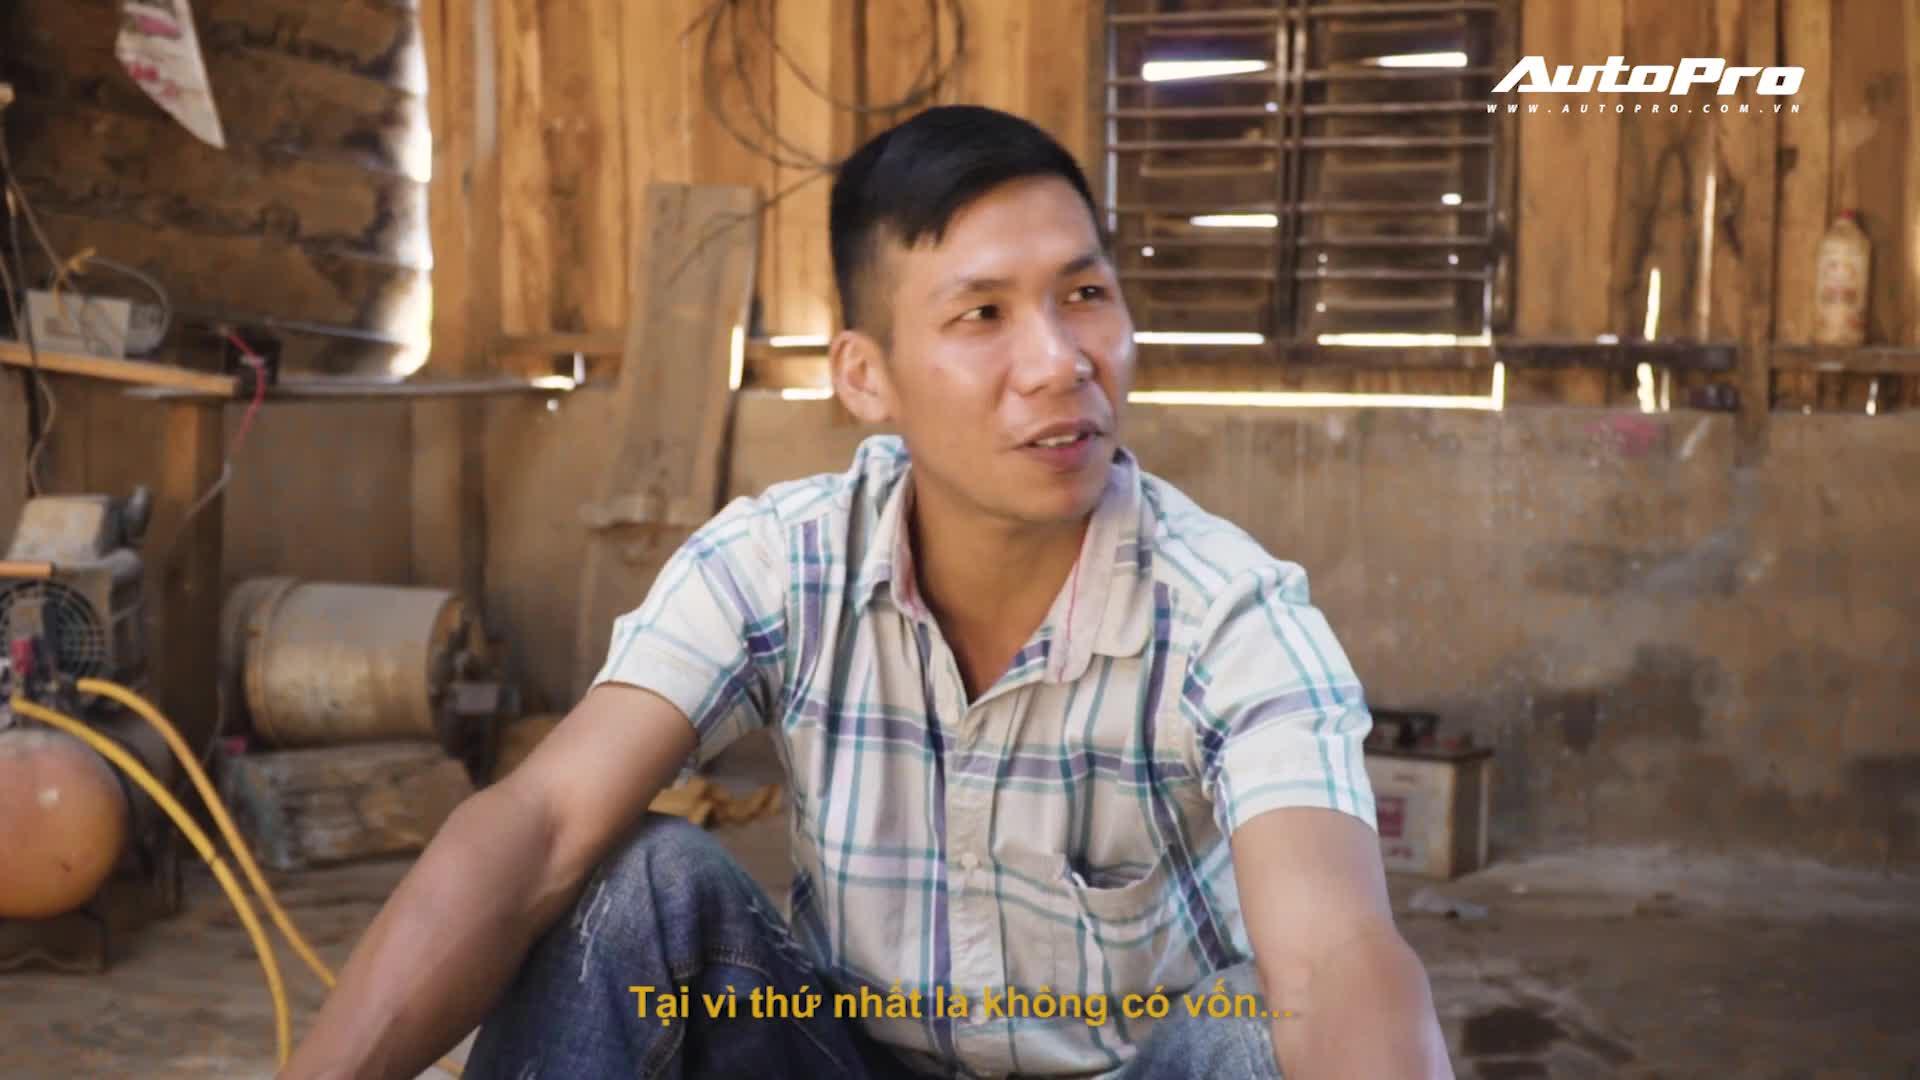 Gặp Trần Văn Kim - chàng trai Tây Nguyên muốn làm siêu xe Ferrari LaFerrari từ sắt vụn